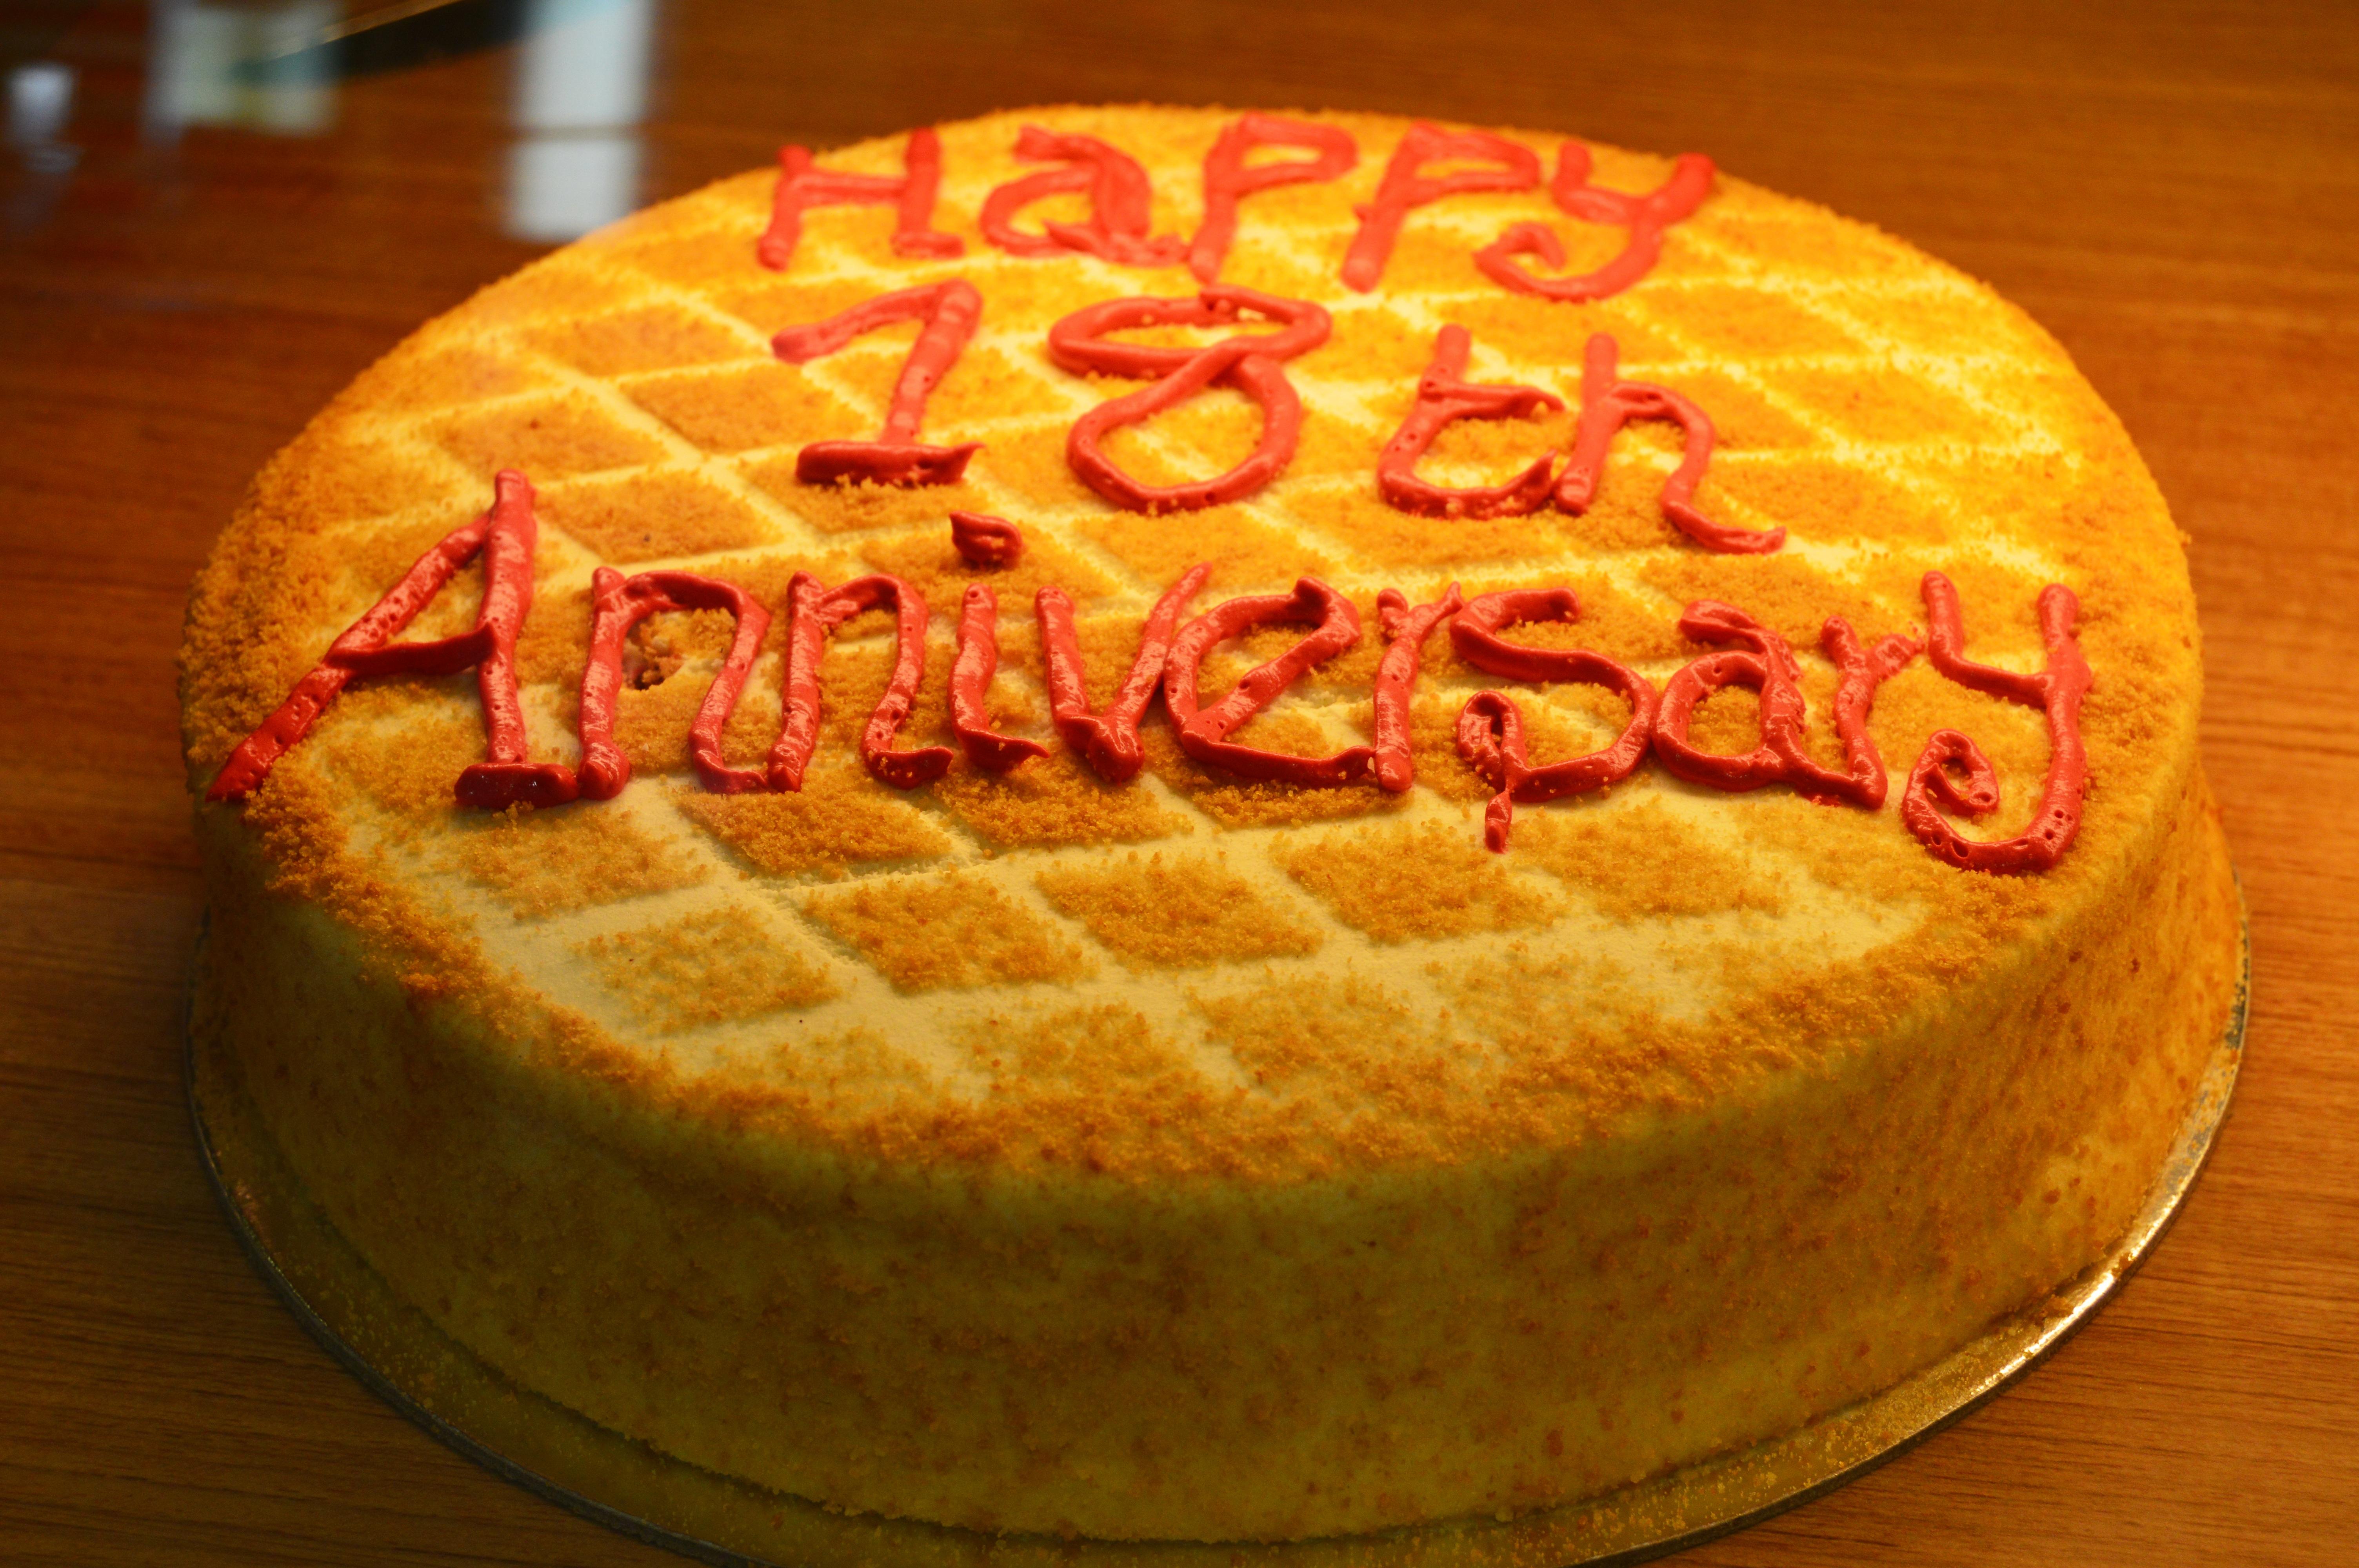 fotos gratis dulce plato comida horneando gastrnomo postre cocina delicioso tarta pasteles panadera pastel de cumpleaos formacin de hielo